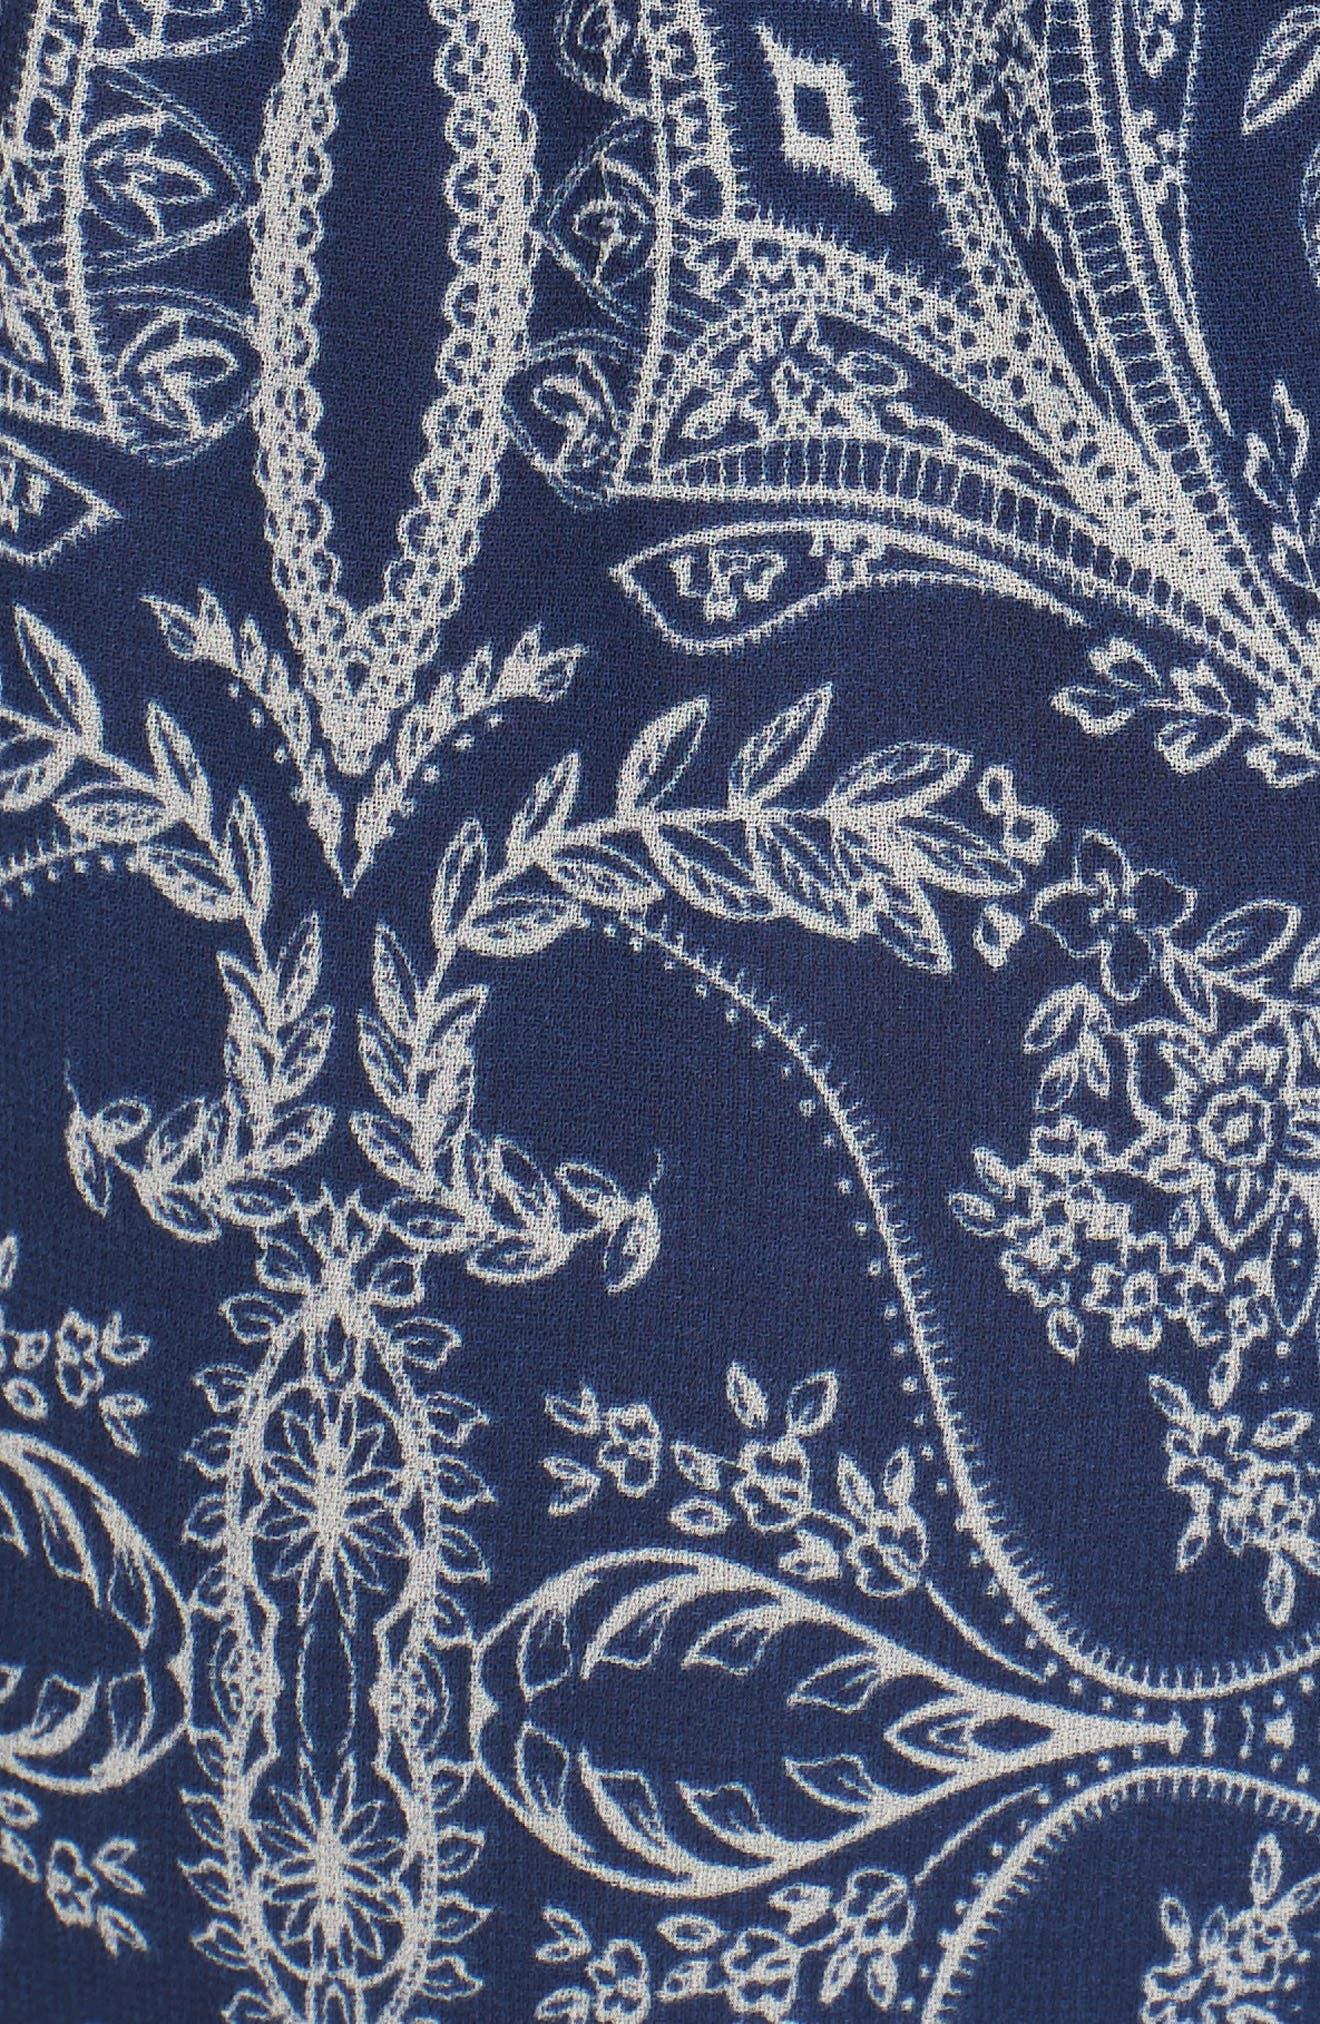 Adel Print Midi Dress,                             Alternate thumbnail 5, color,                             Blue Fe3